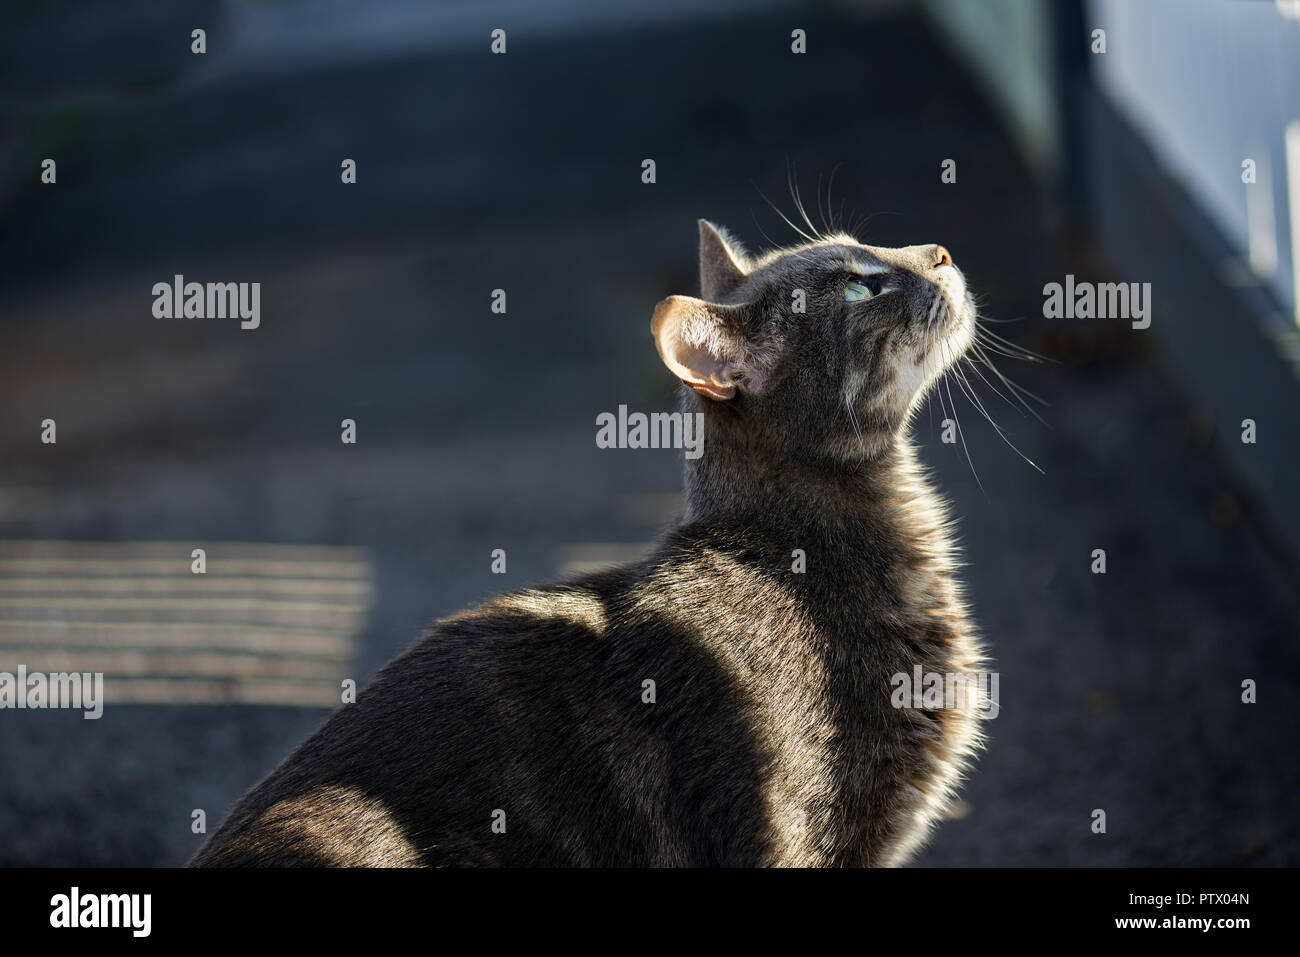 Chat gris à propos de sauter une clôture avec éclairée par le soleil bas à travers une clôture à rayures choisi. Photo Stock